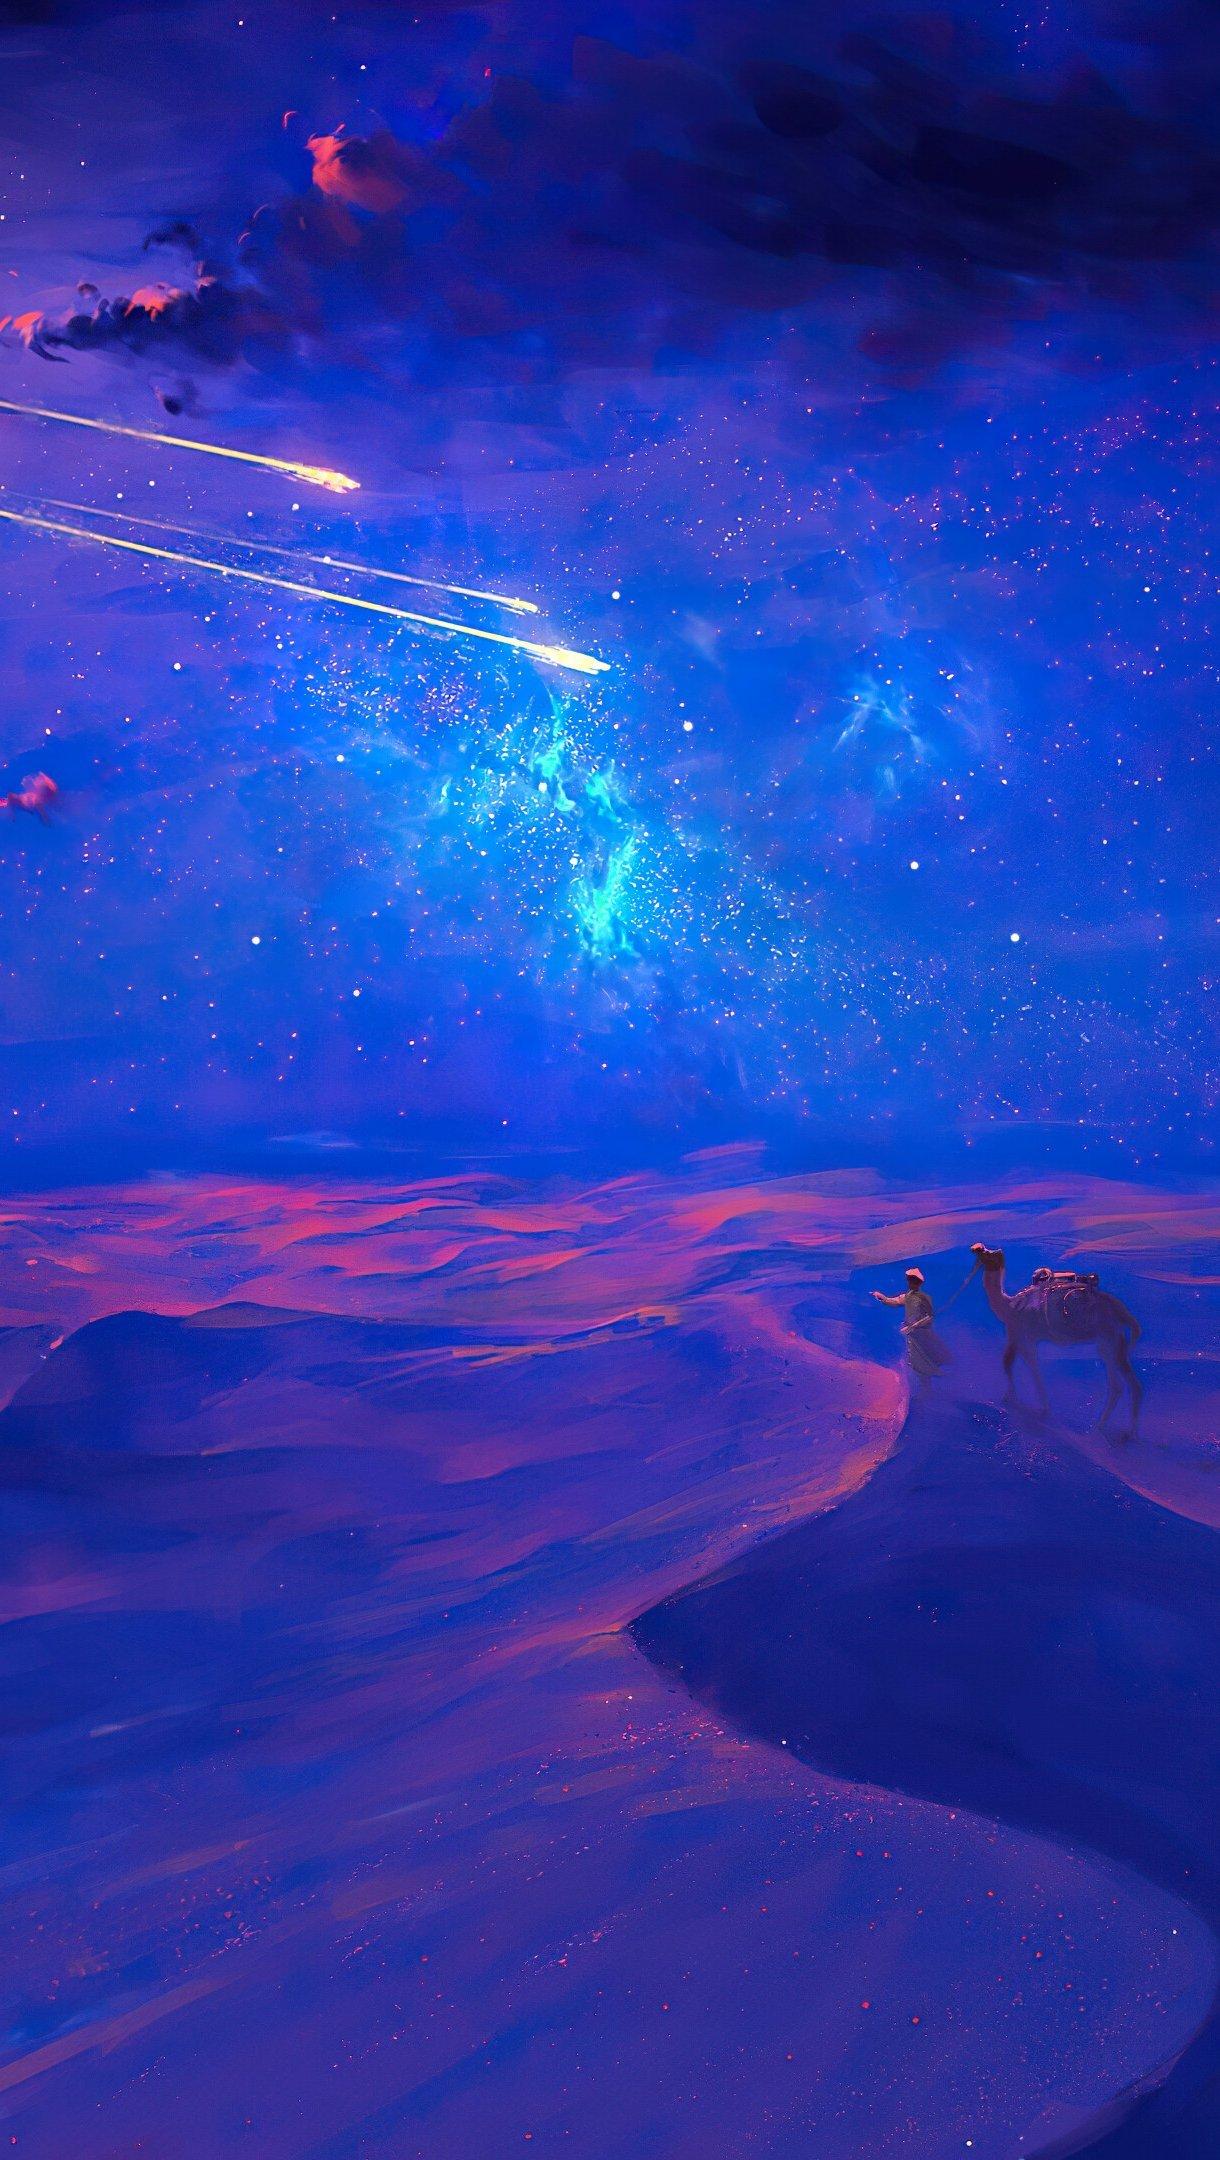 Fondos de pantalla Hermoso desierto en noche estrellada Ilustración Vertical